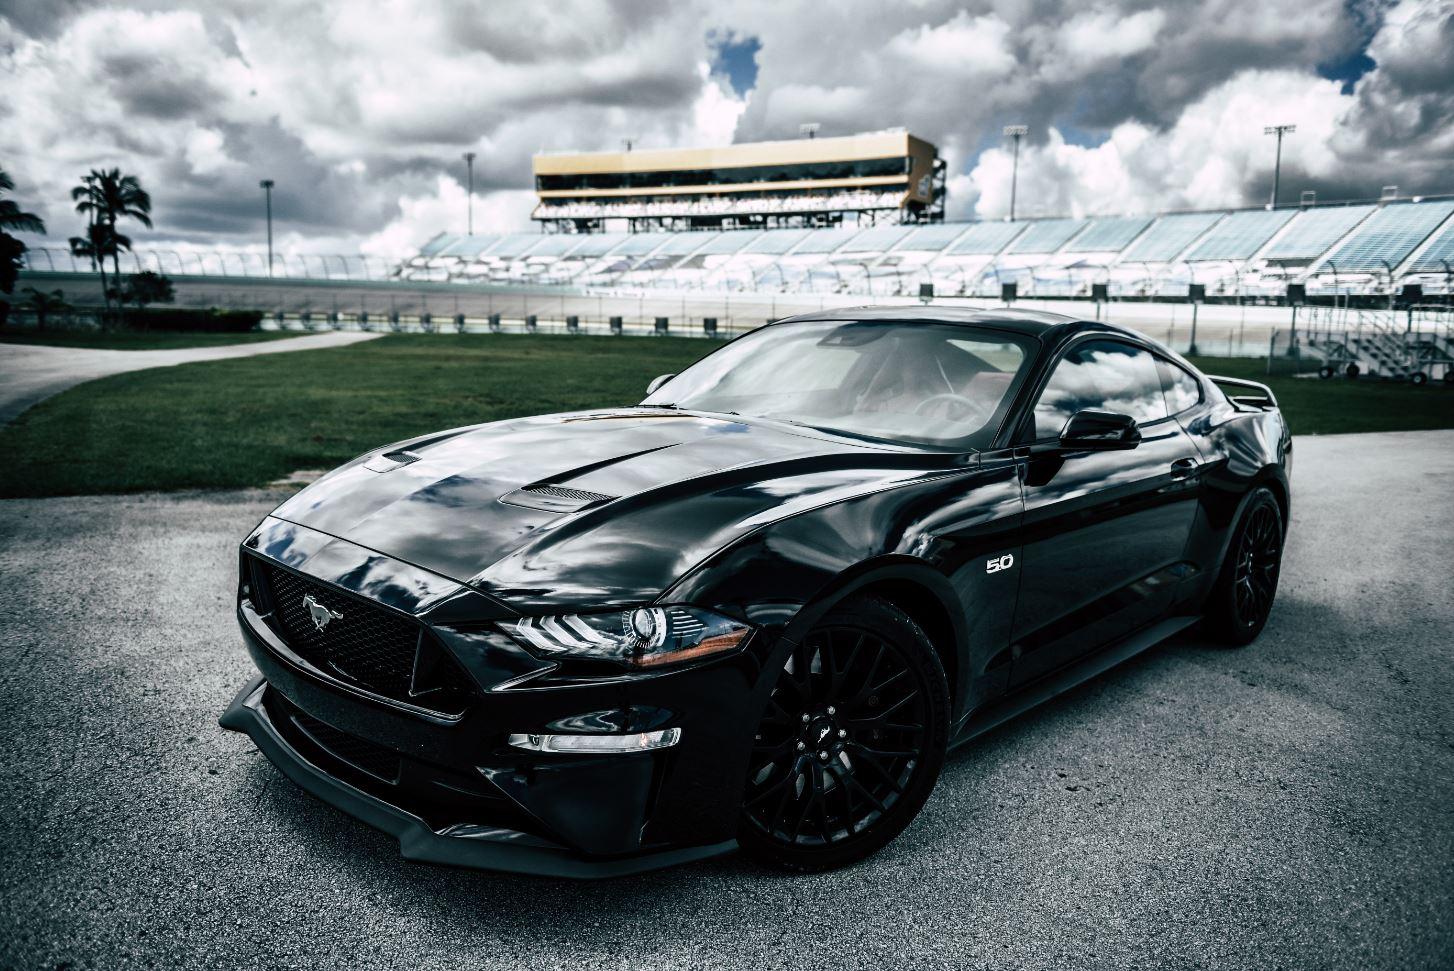 Ford Mustang GT 2018, el corcel que no pasa de moda